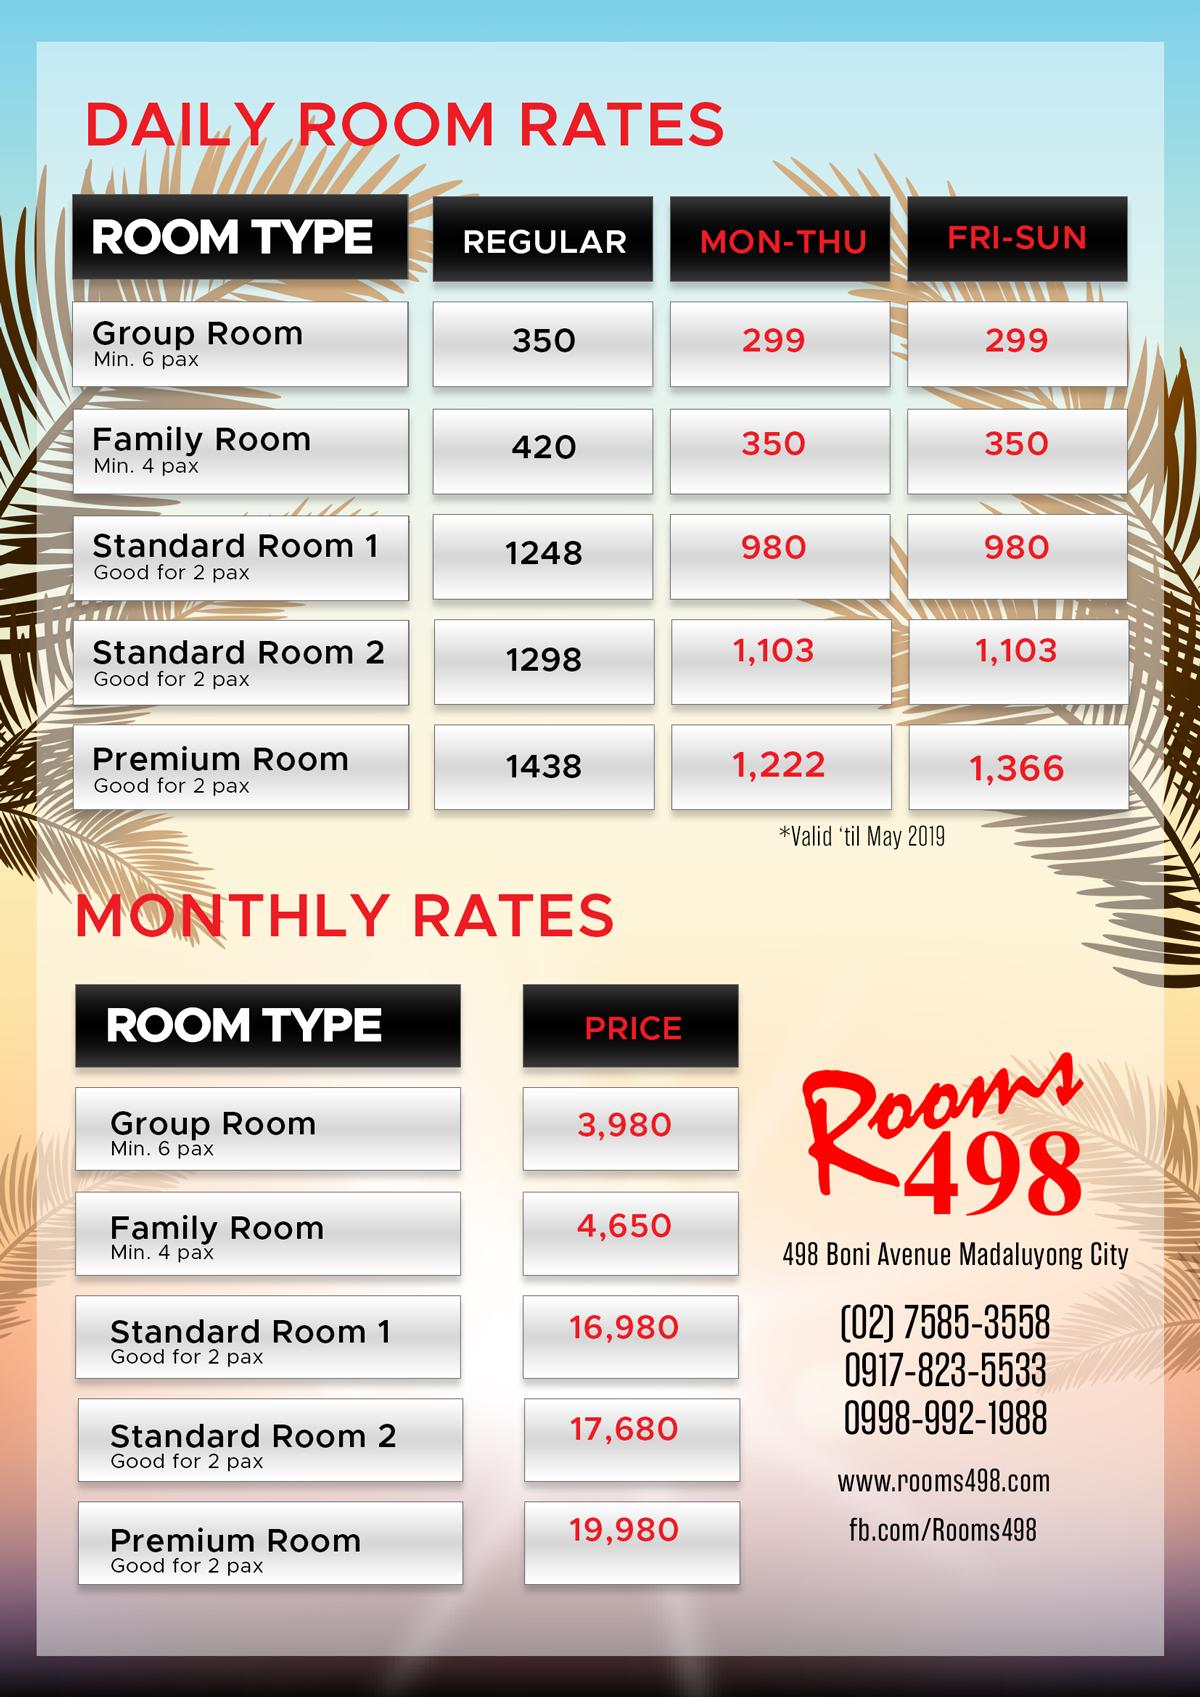 rooms498 room rates rroms498.com